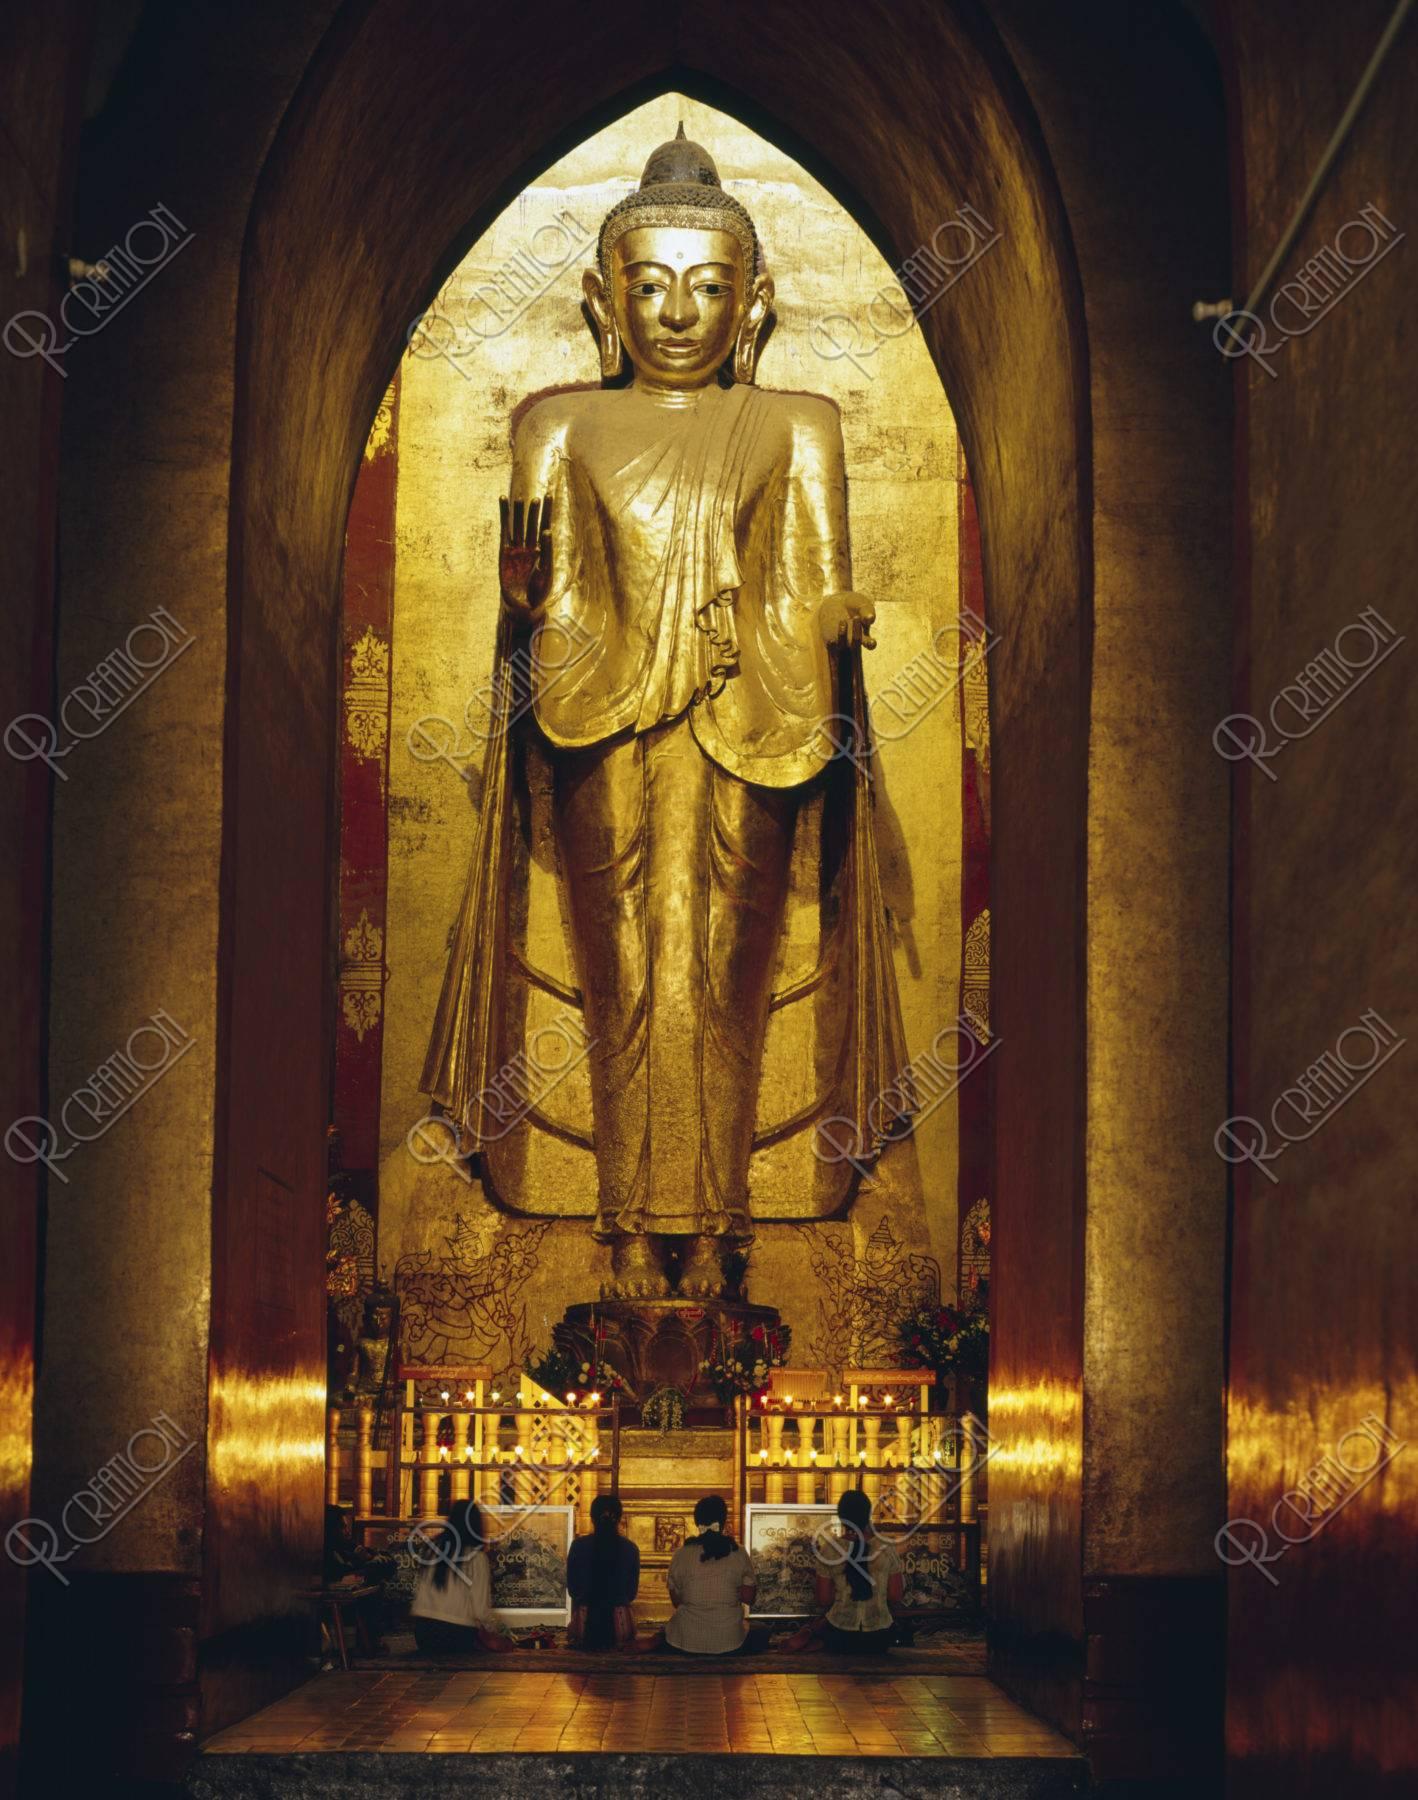 アーナンダ寺院内部の仏像